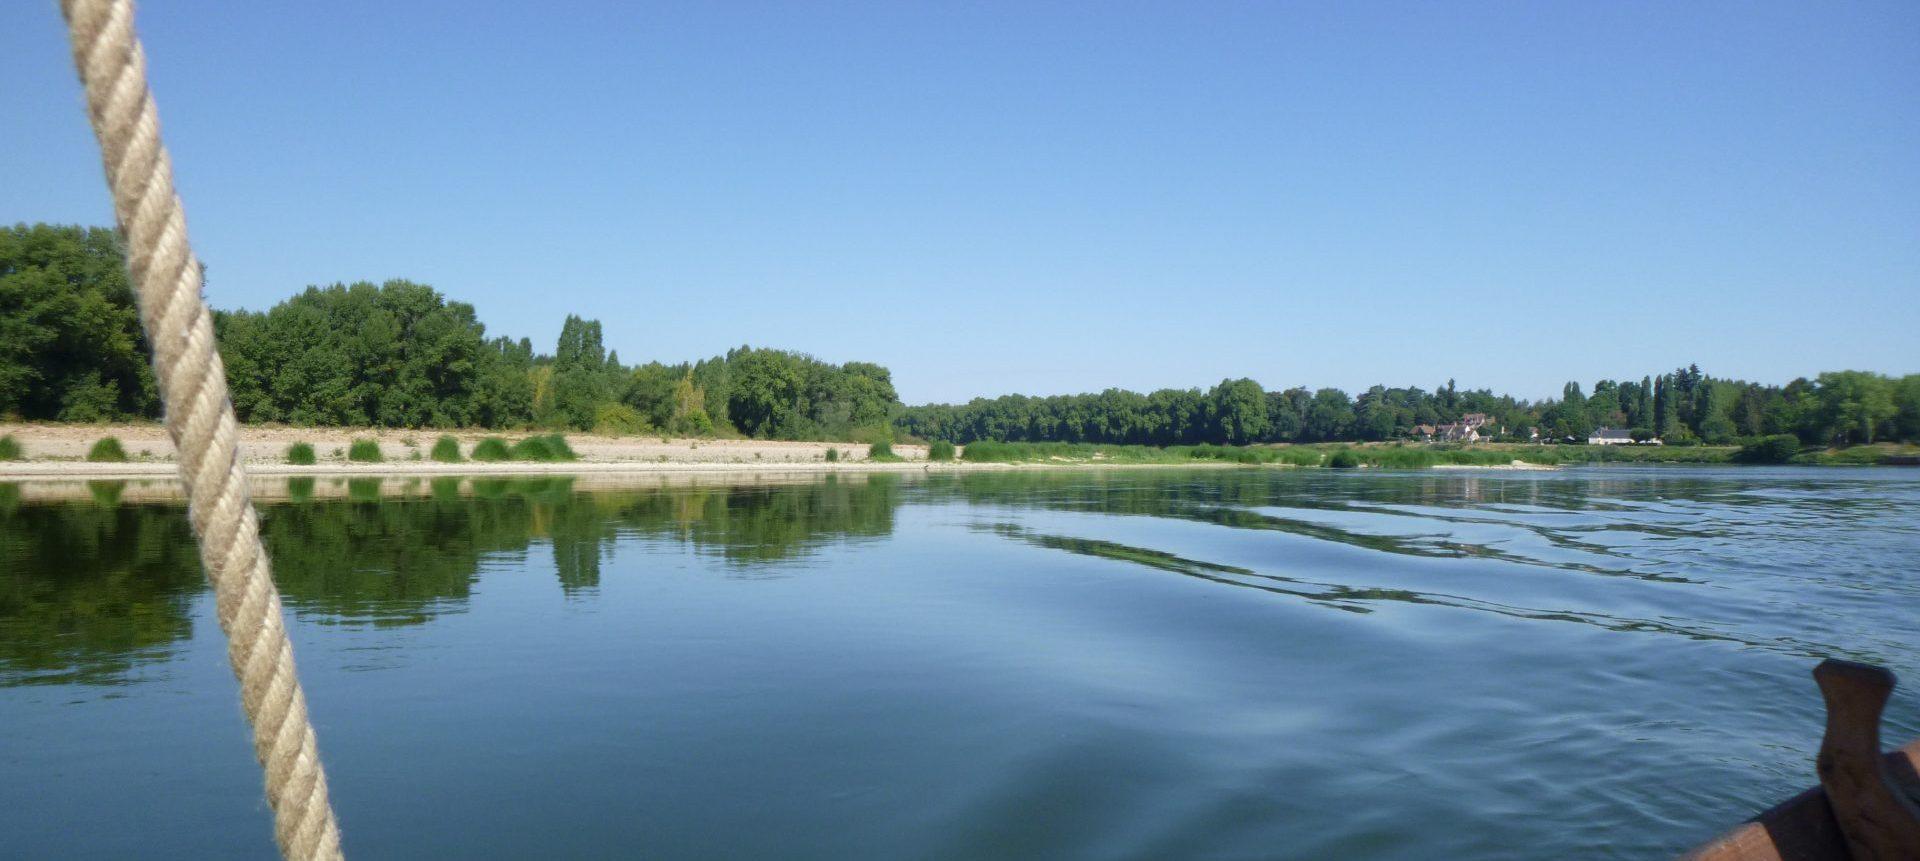 balade en bateau sur la Loire à Châteauneuf-sur-Loire